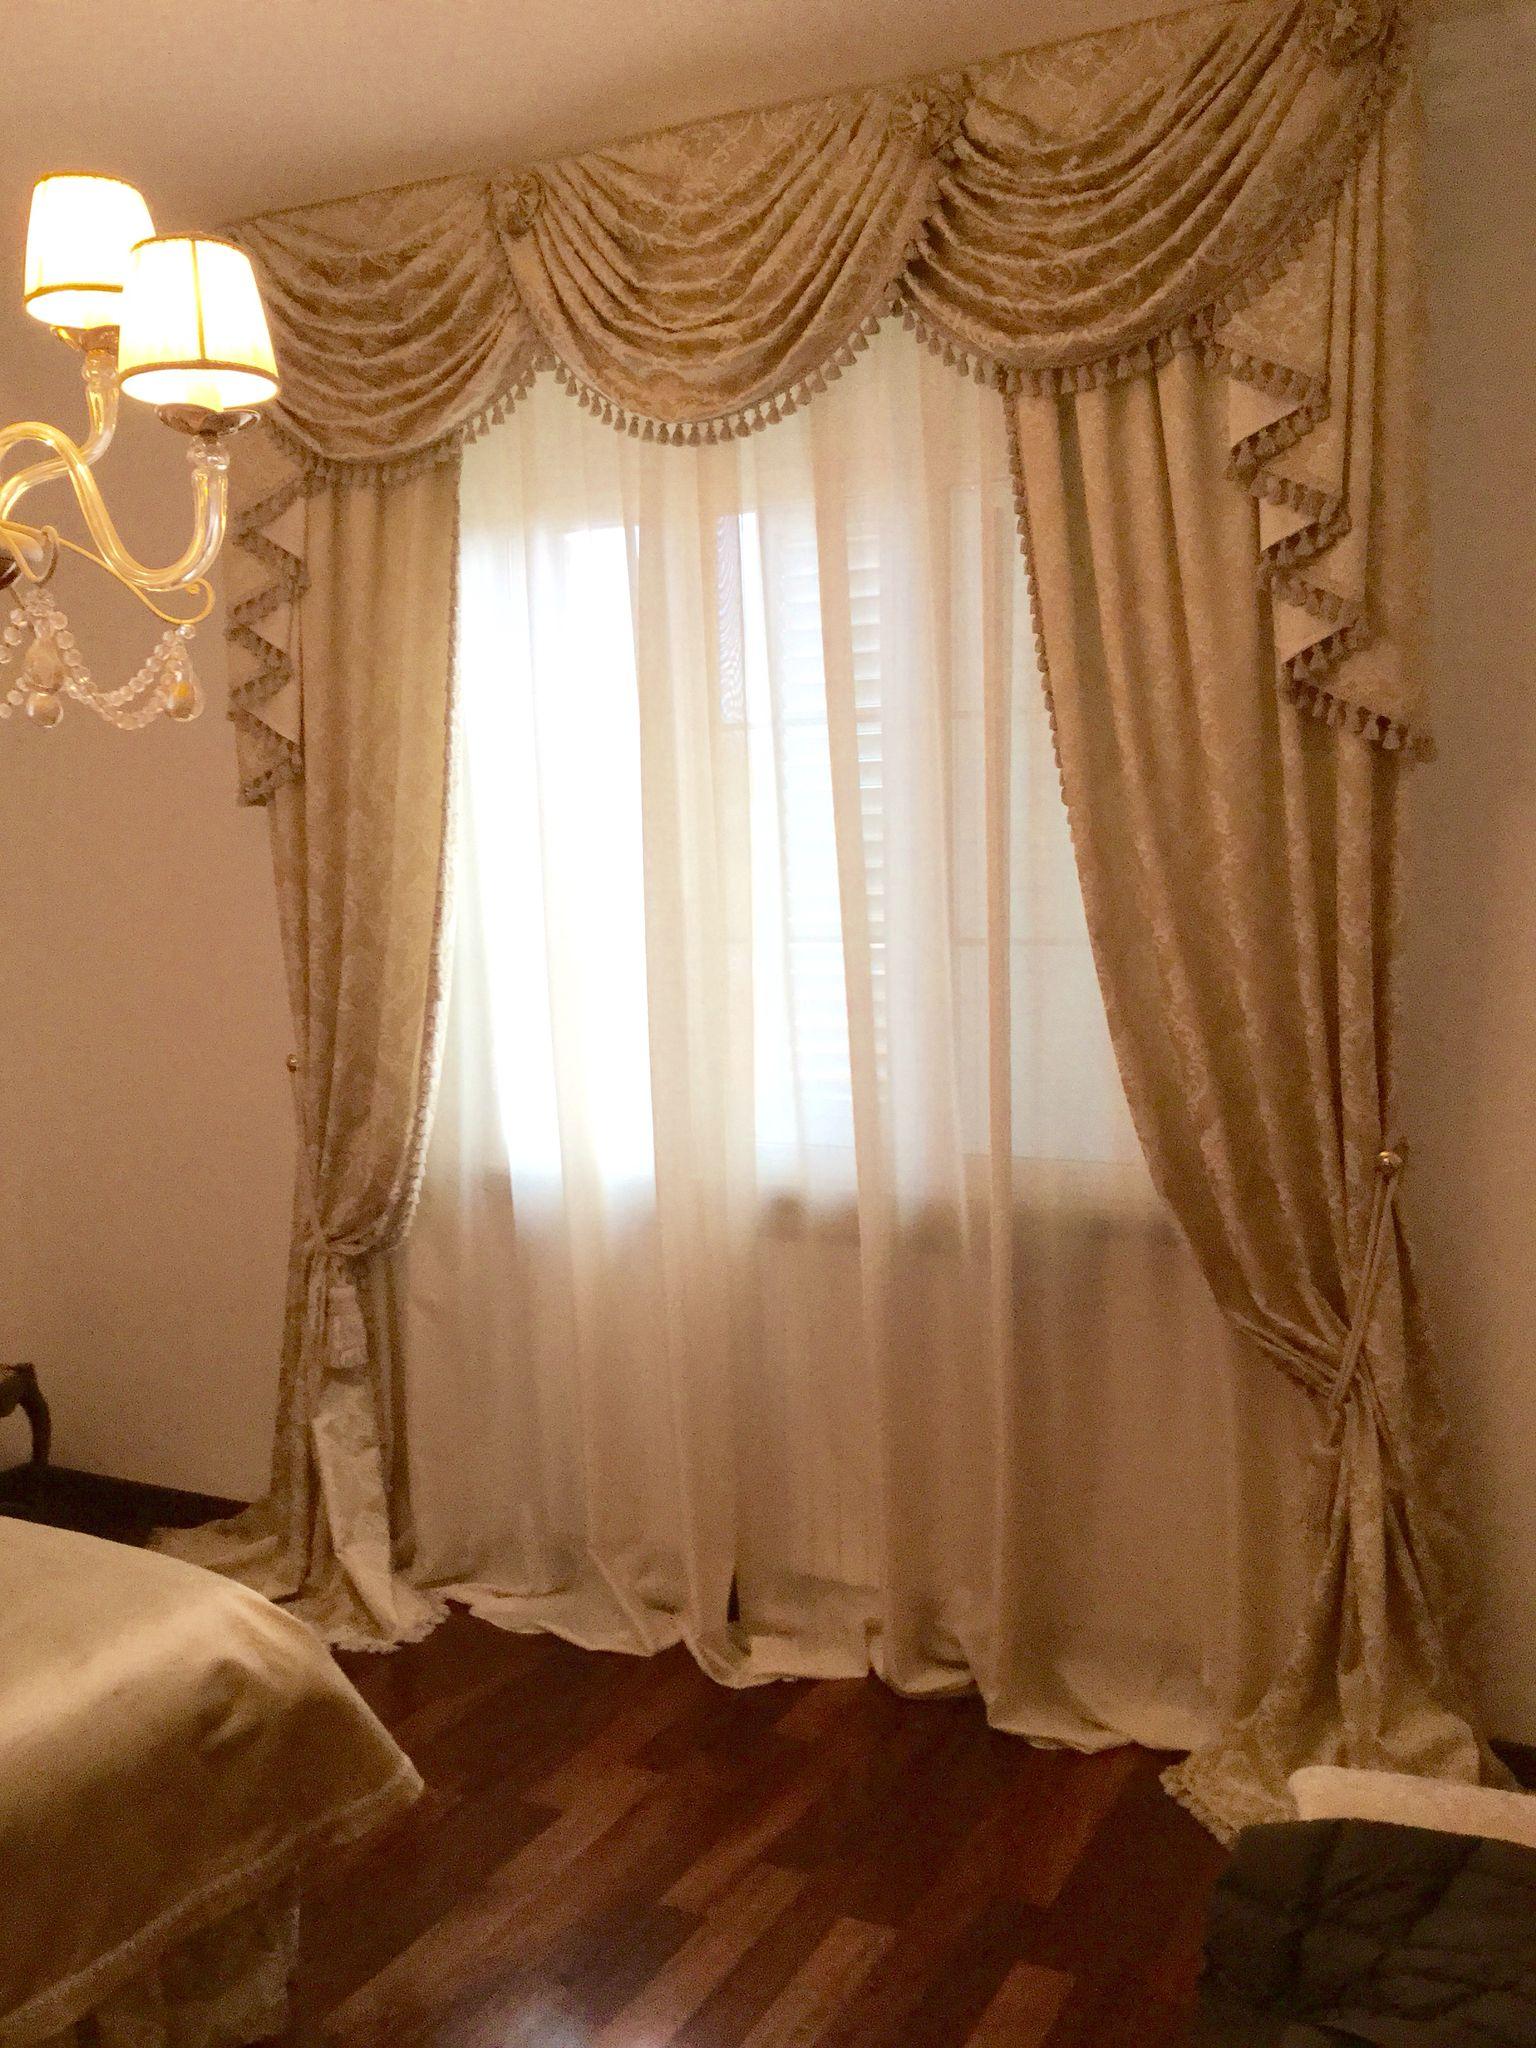 Tendaggio classico con mantovana a drappeggi casabella for Tende classiche con mantovana